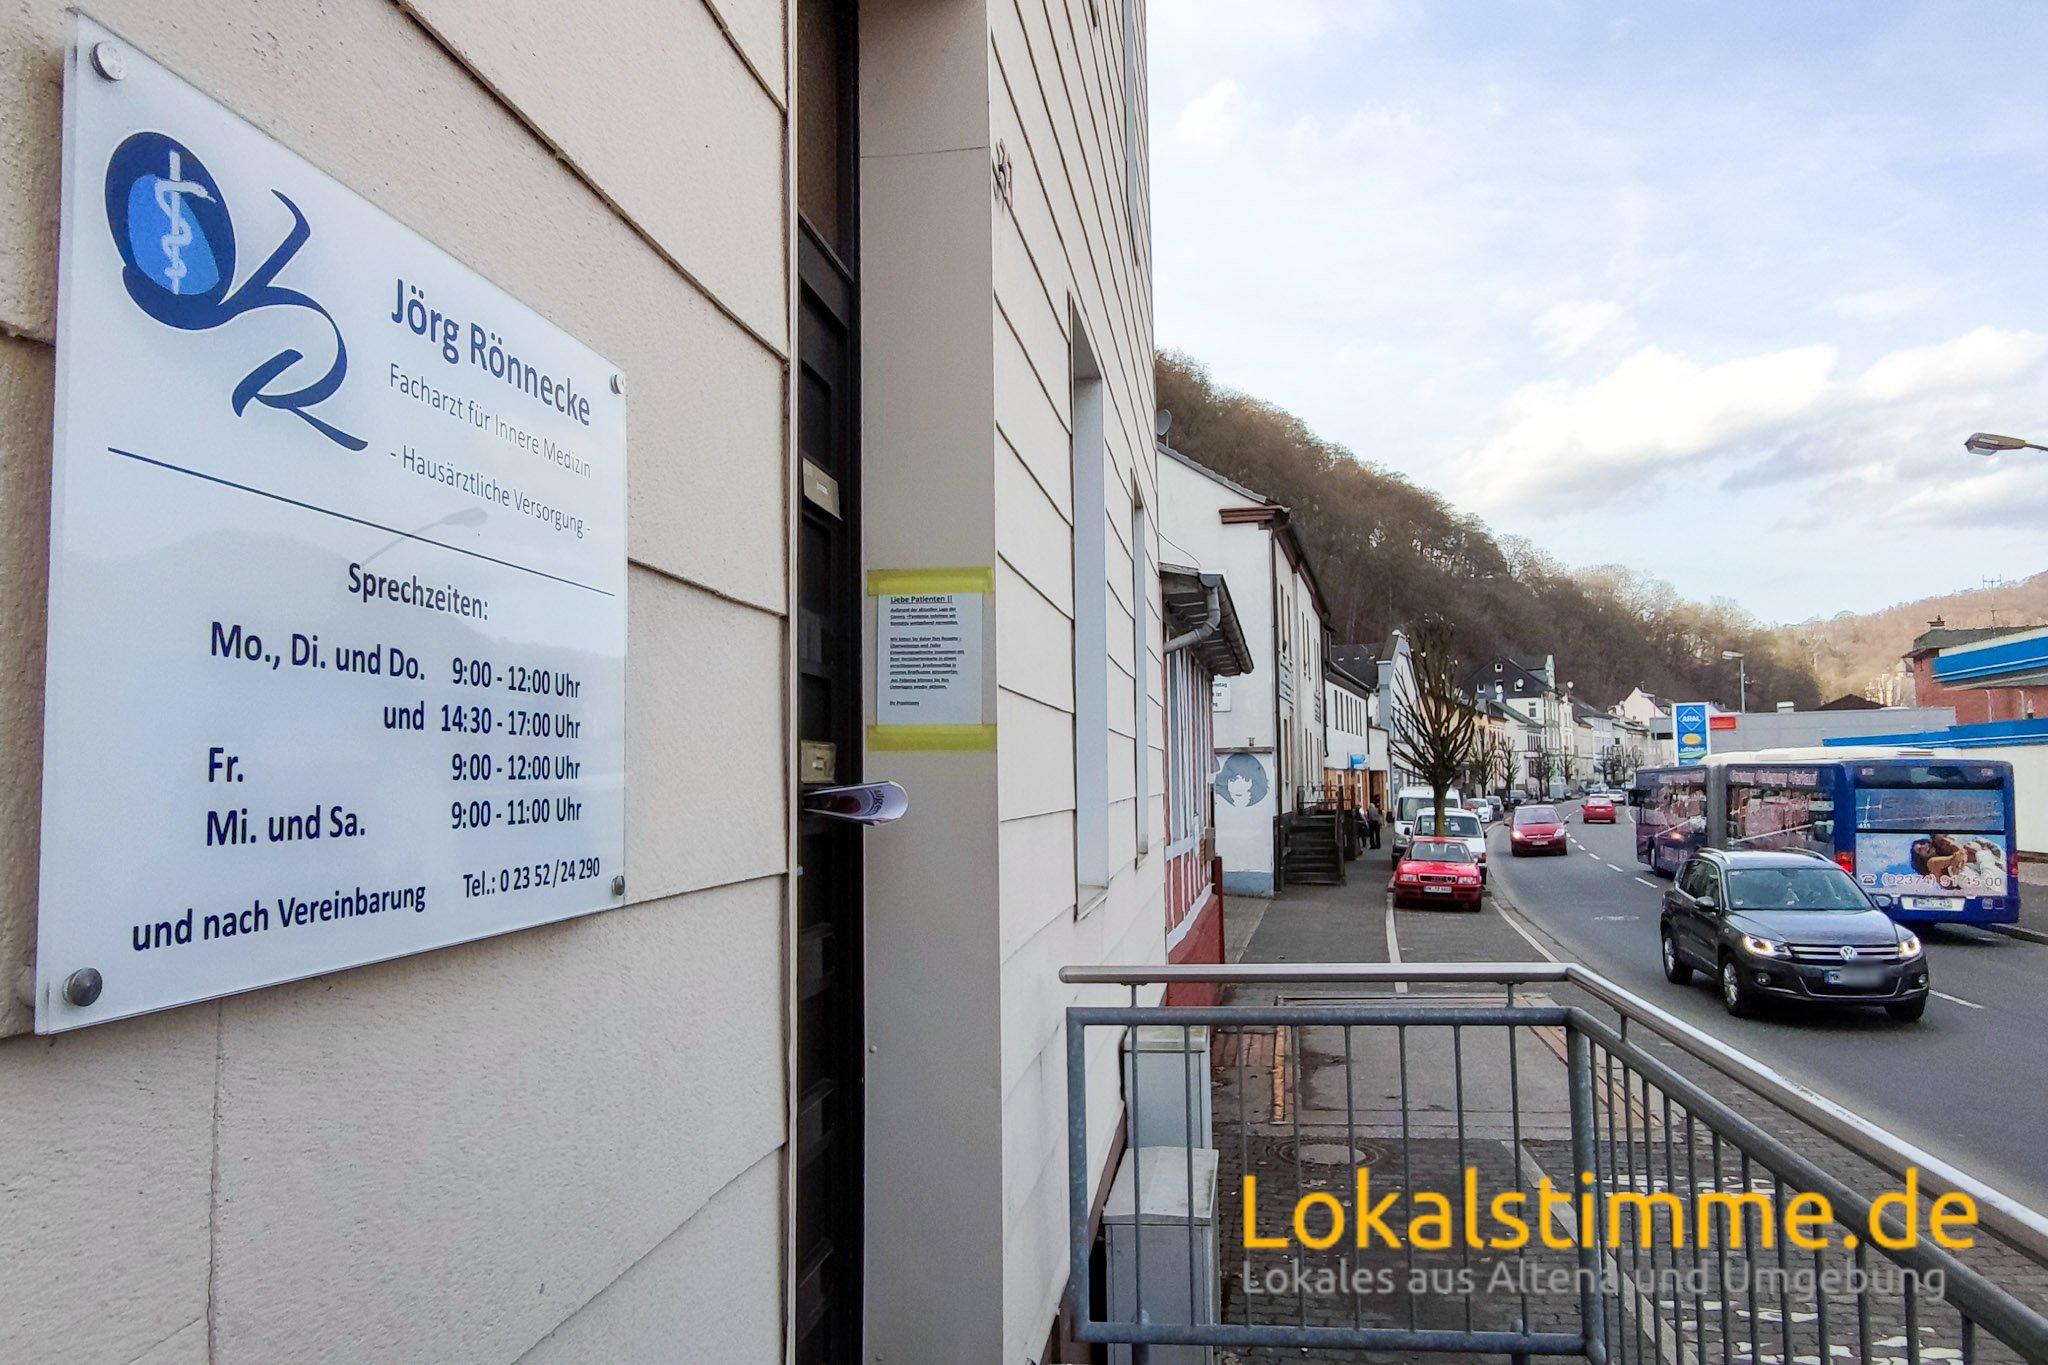 Noch befindet sich die Praxis von Hausarzt Jörg Rönnecke an der Bahnhofstraße in Altena. Ab dem 6. April zieht die Praxis in die Kirchstraße 14-16 um.